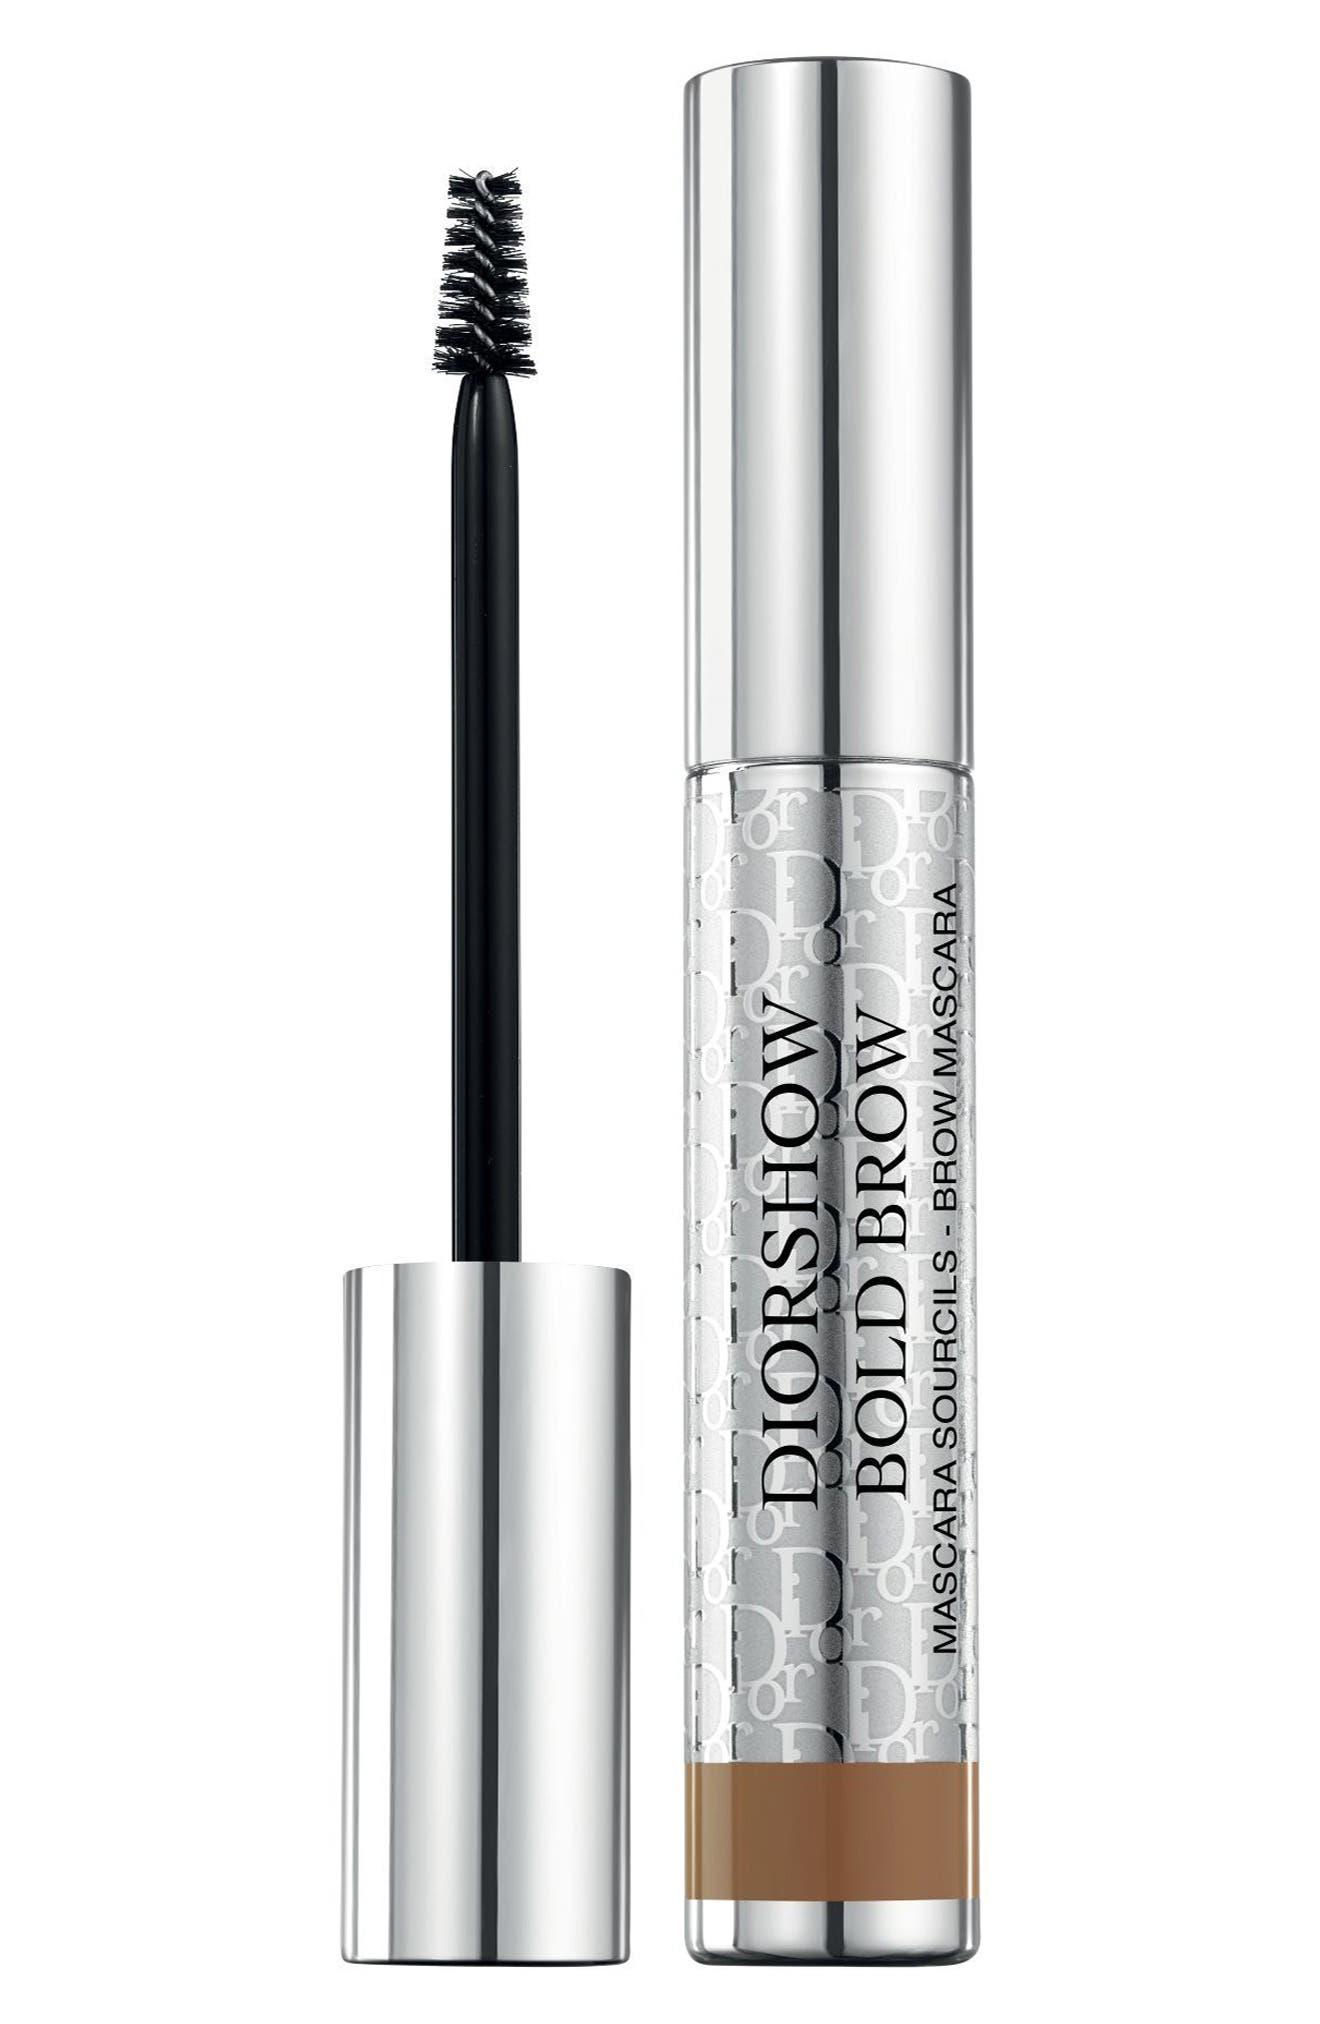 Dior Diorshow Bold Brow Instant Volumizing Brow Mascara - 021 Medium